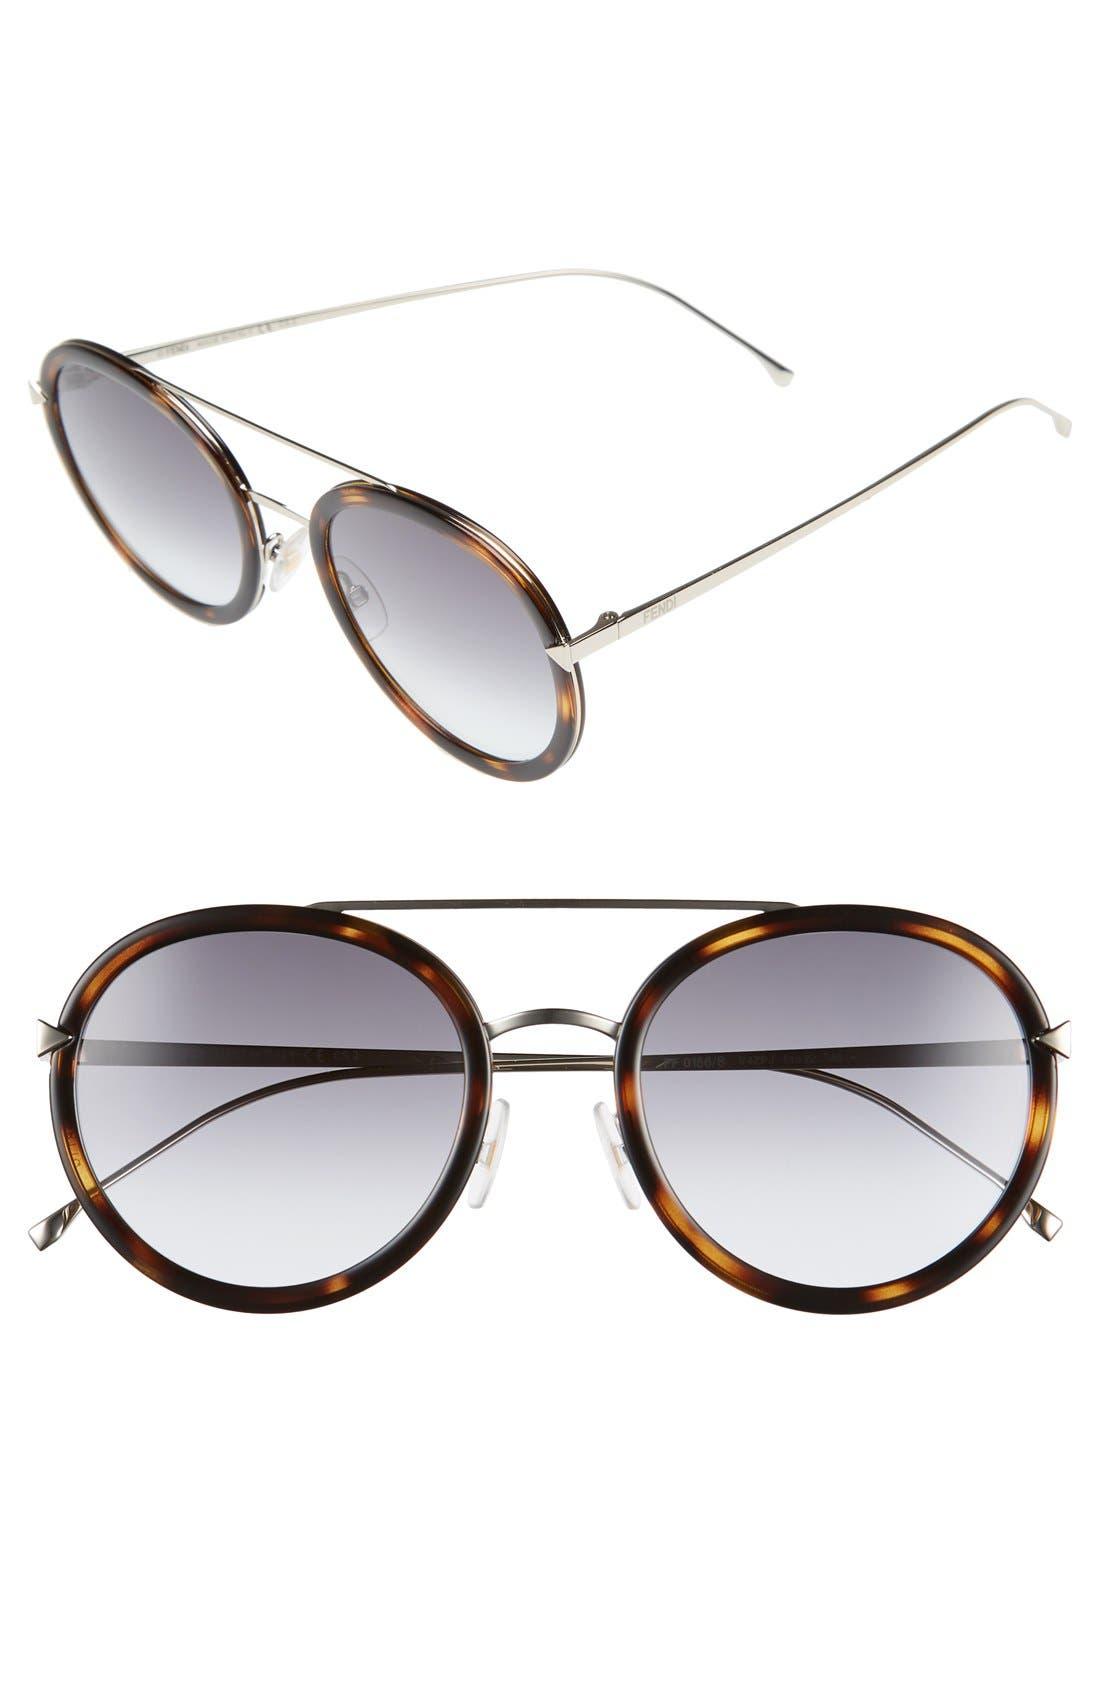 Main Image - Fendi 51mm Round Aviator Sunglasses